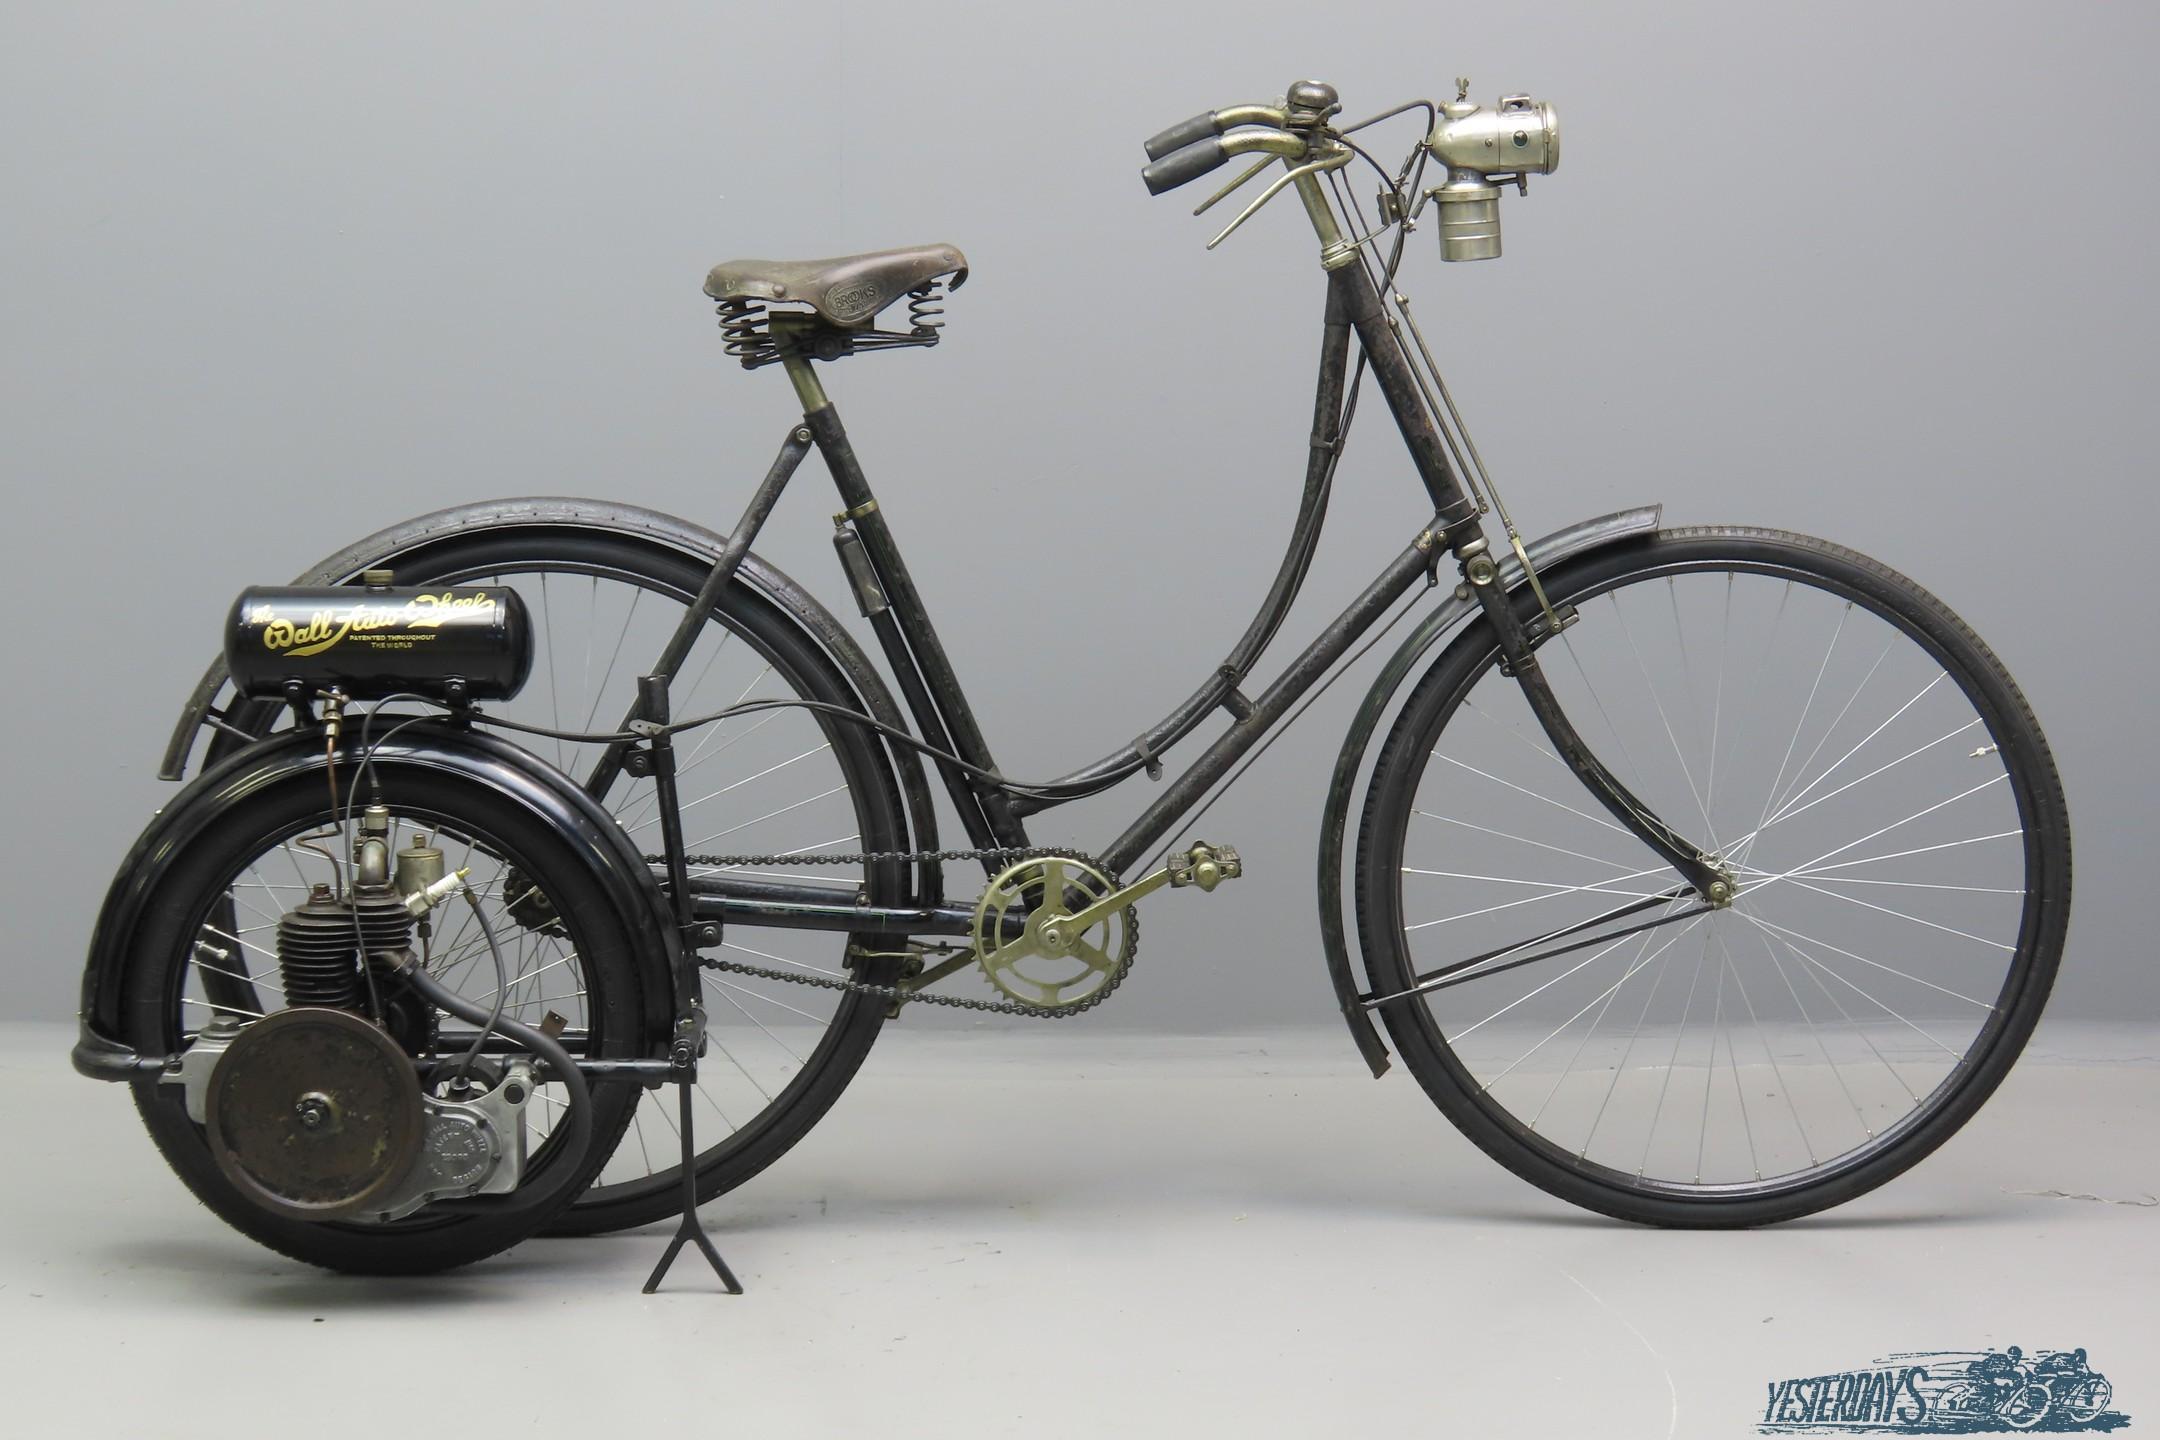 Wall 1913 Autowheel 116cc 1cyl aiv  3007